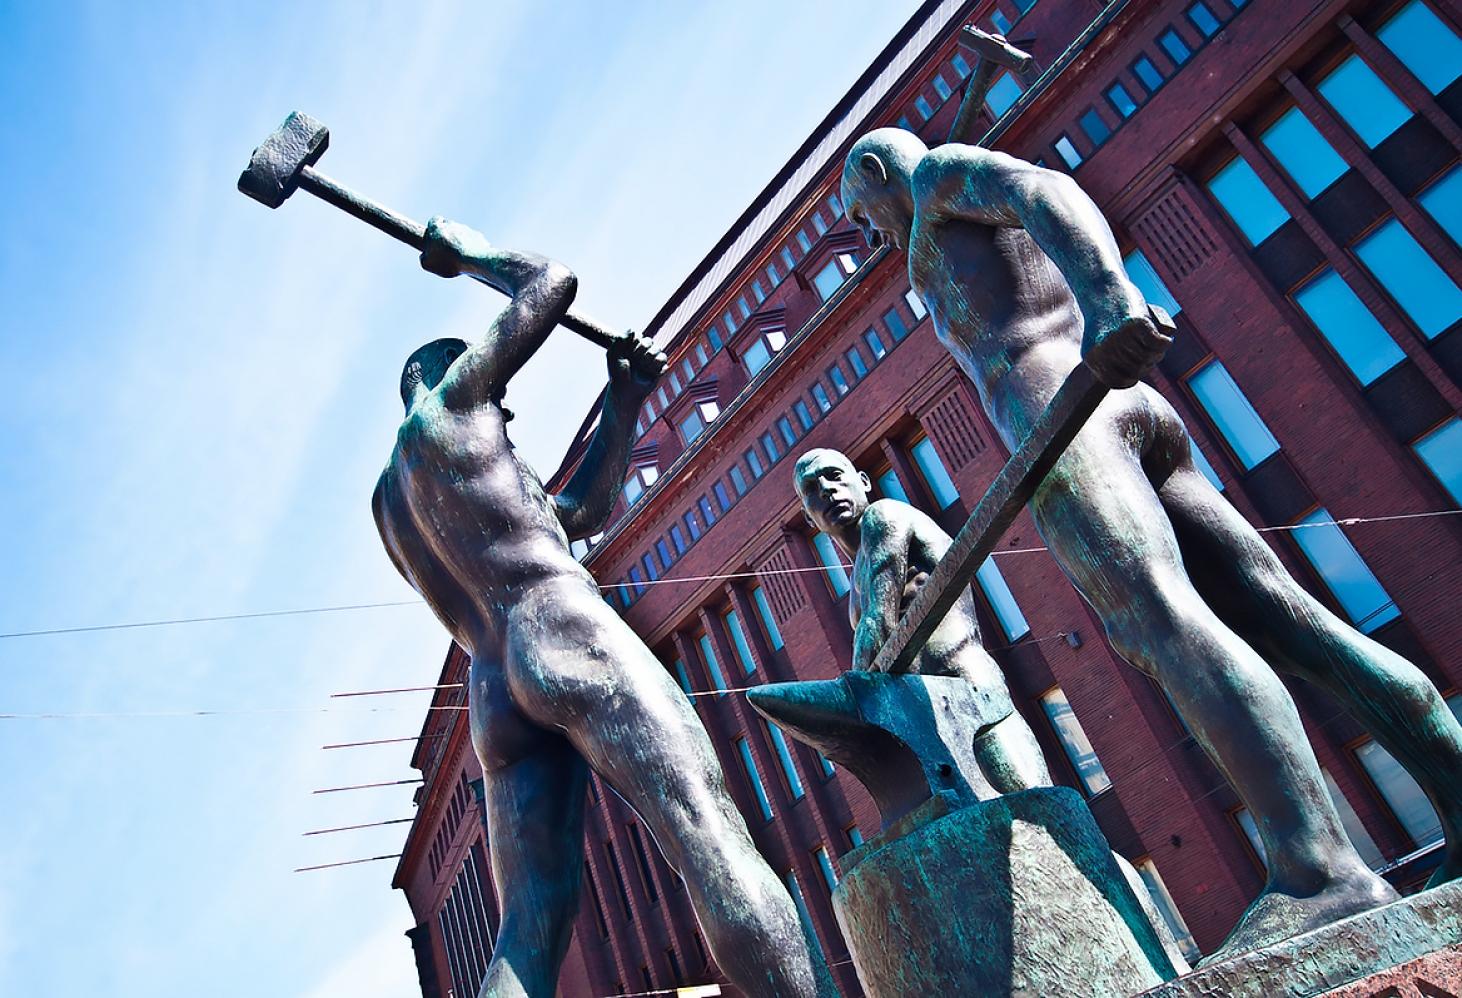 Памятник Три Кузнеца в Хельсинки, Финляндия